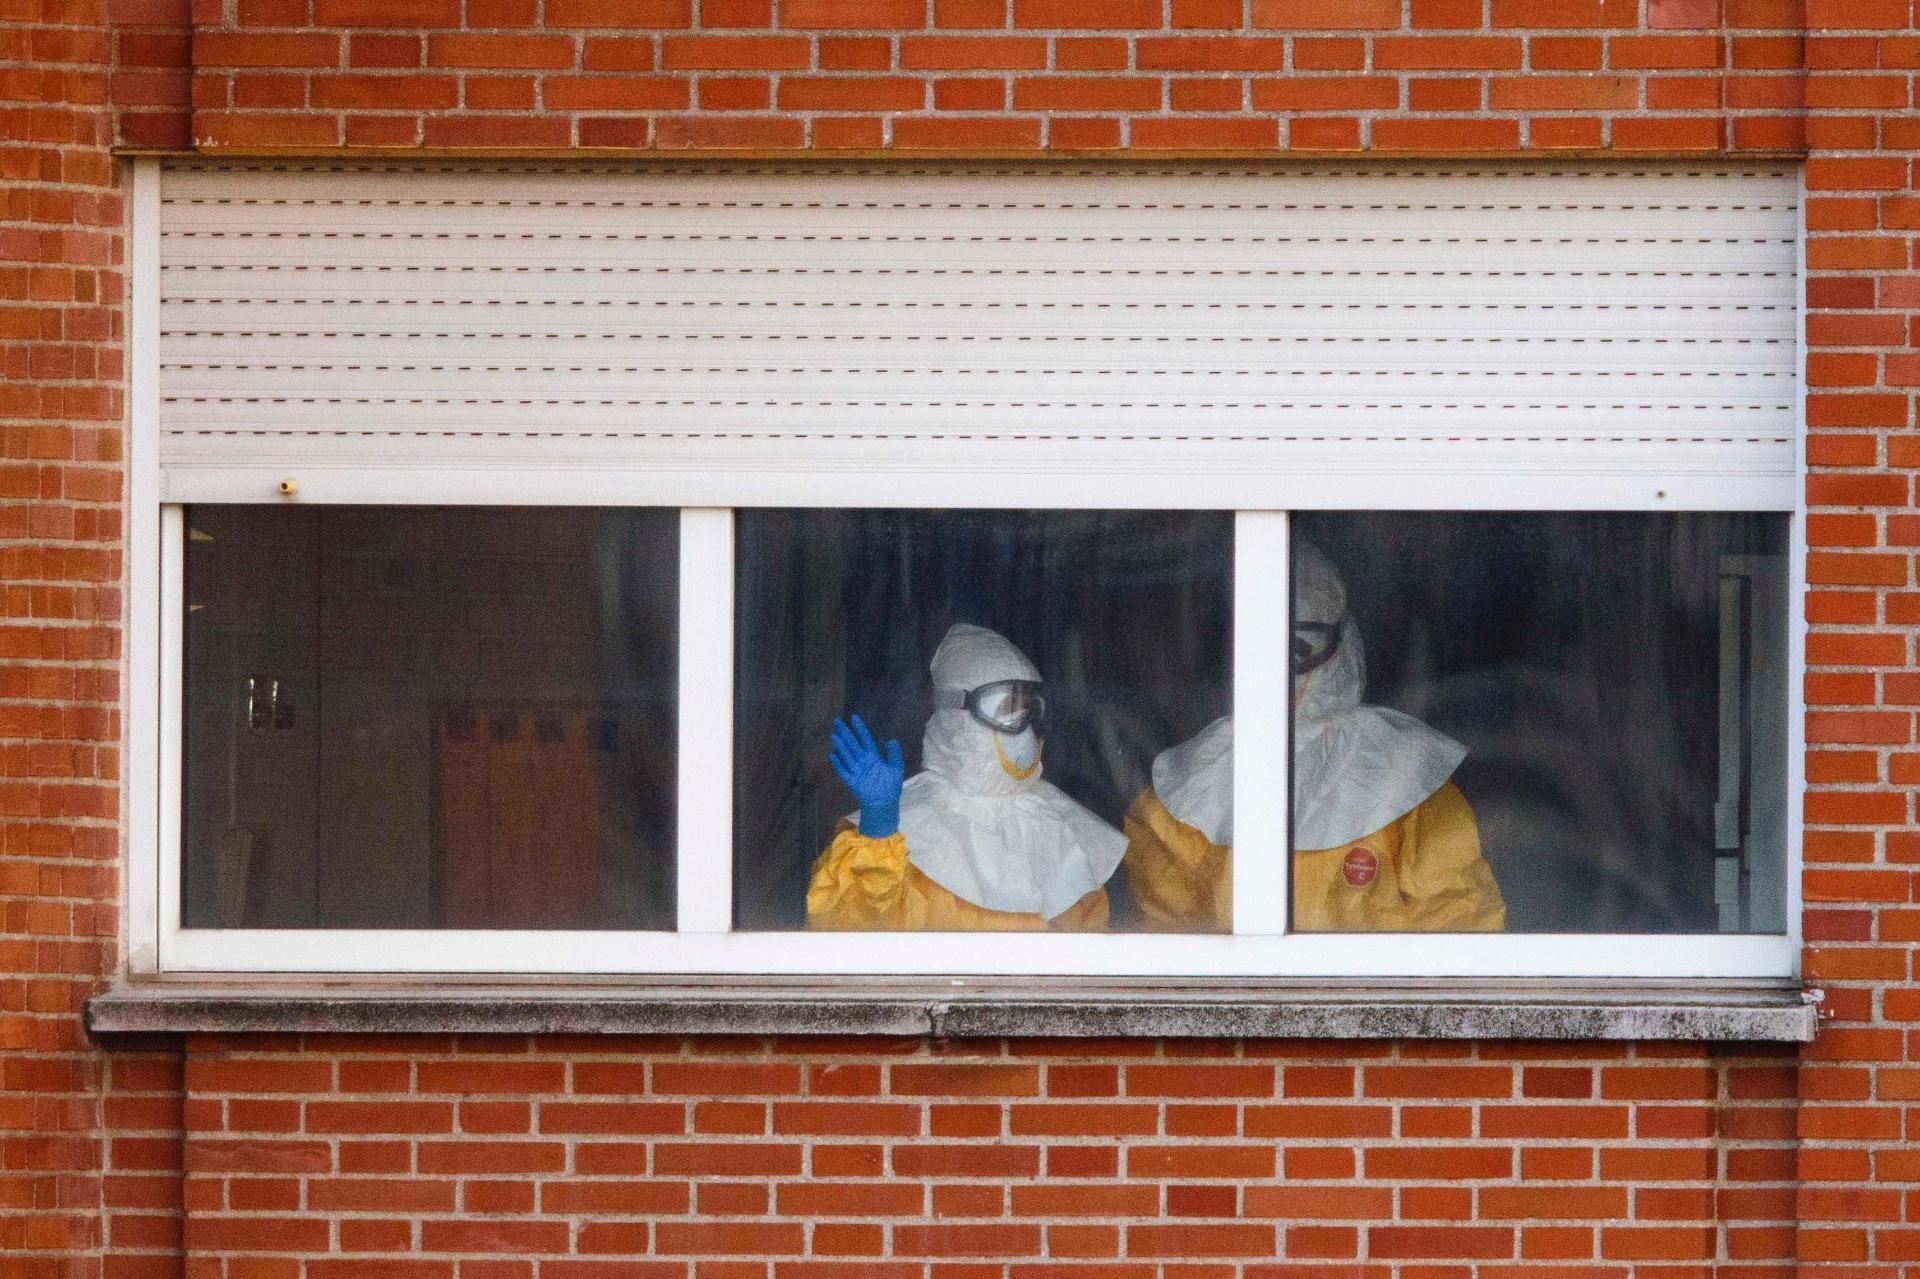 12.out.2014 - Funcionários da área de saúde da Espanha utilizam traje especial de proteção contra o ebola em local de isolamento de pessoas que tiveram contato com a espanhola infectada. Neste domingo (12), autoridades da Espanha viram sinais de esperança no caso da enfermeira com o vírus